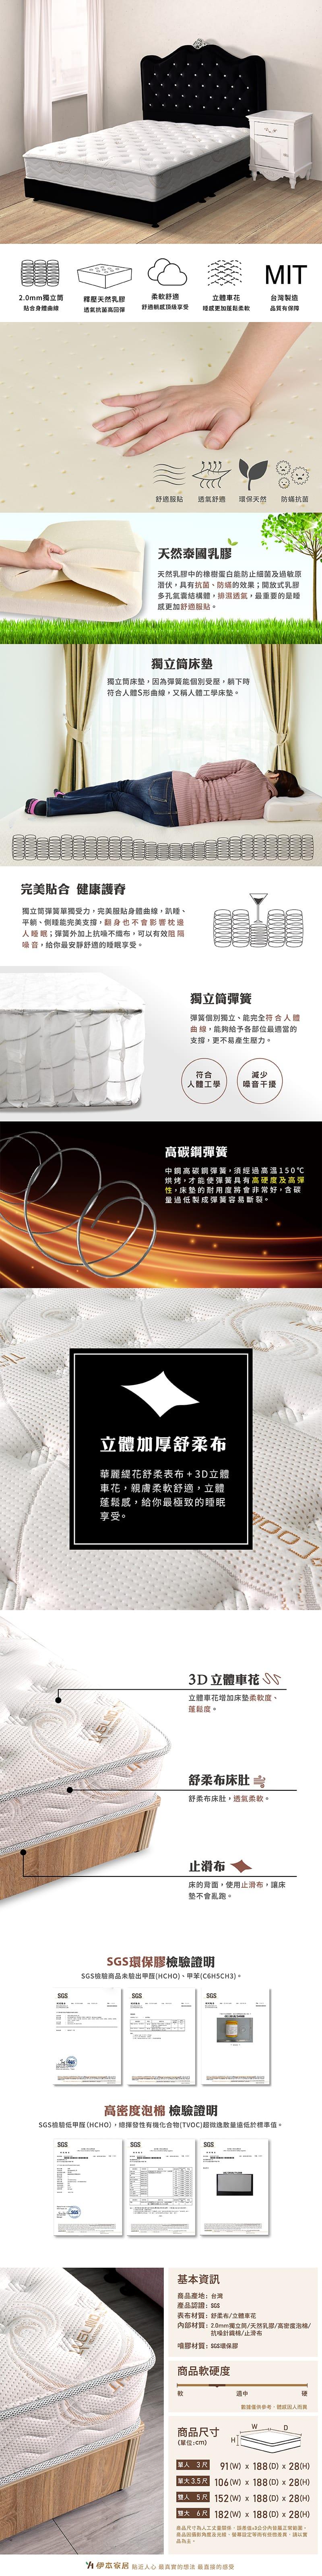 乳膠軟式獨立筒床墊 雙人加大6尺(鑽石系列)